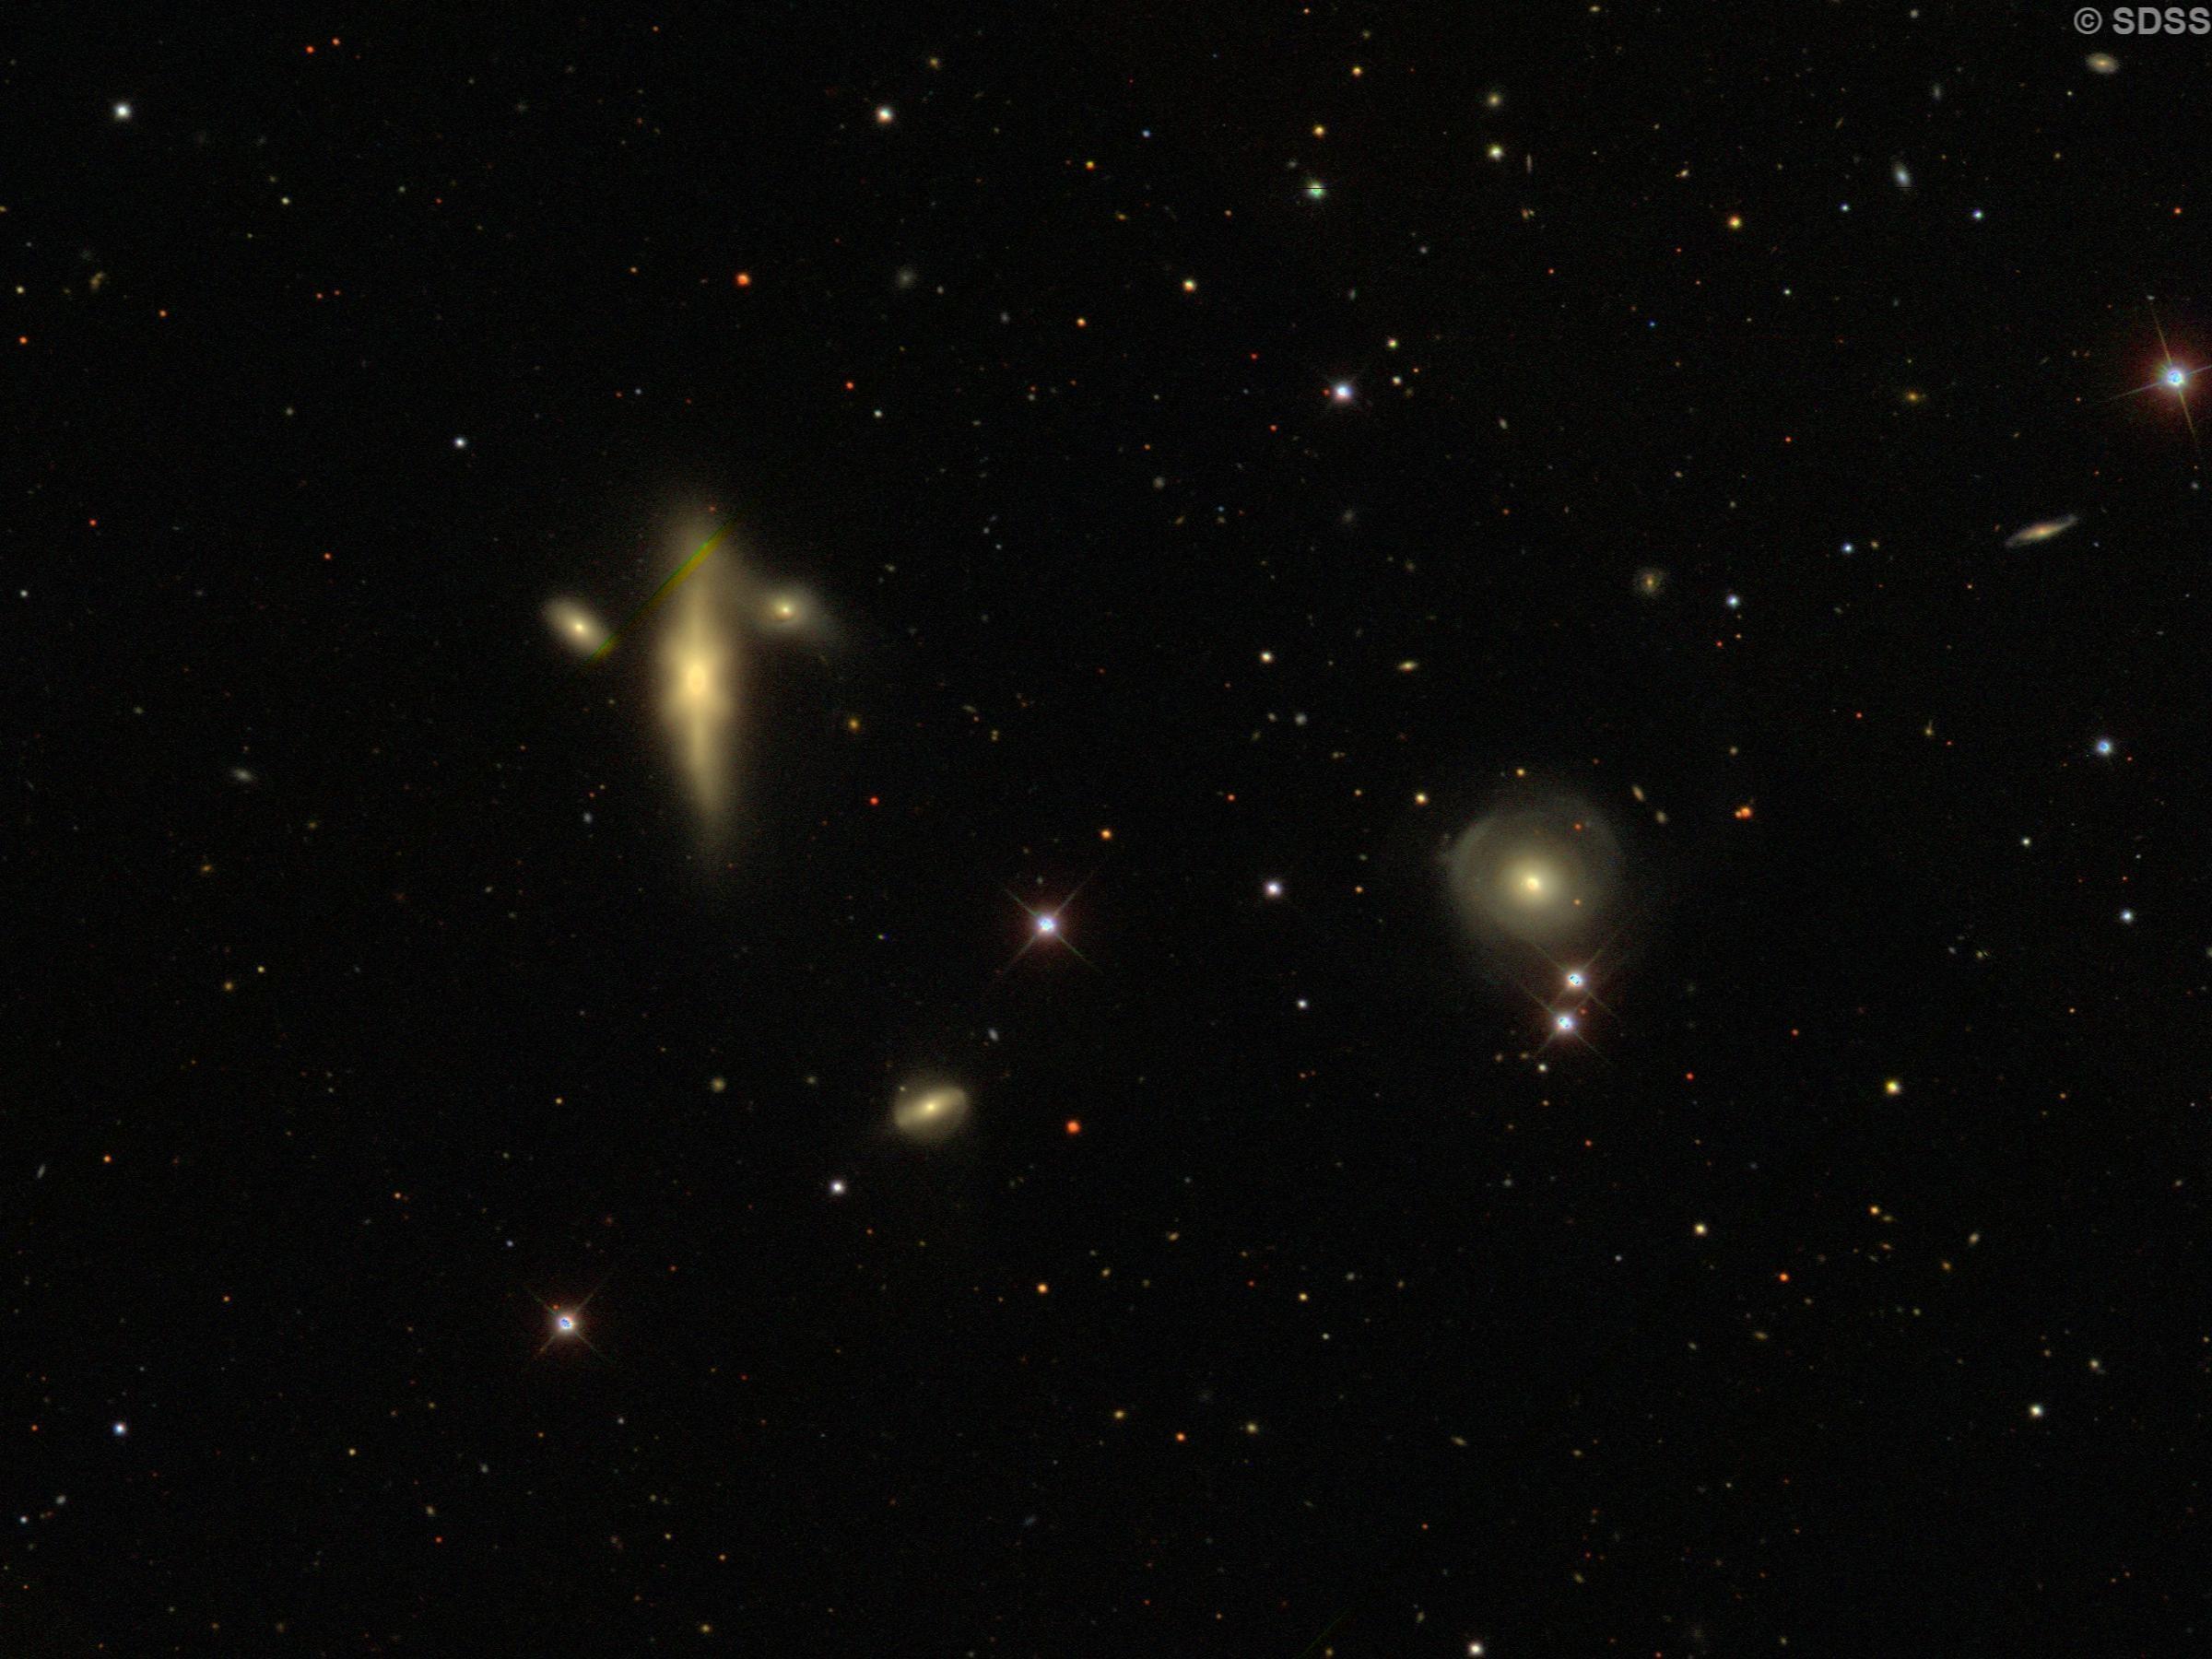 NGC 128 Group